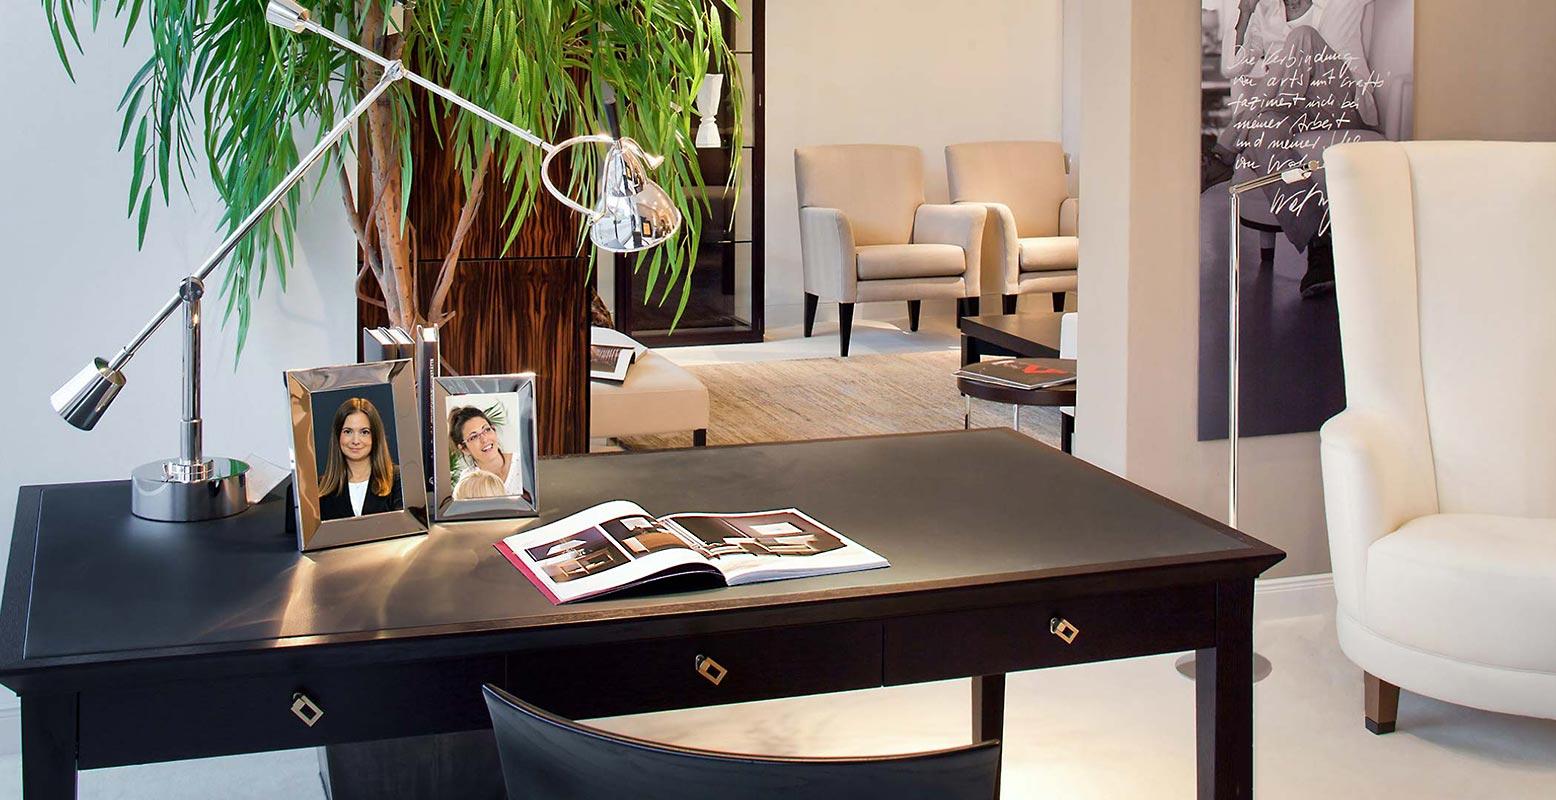 Schreibtisch und Interieur im Innenraum. Fotograf für Möbel